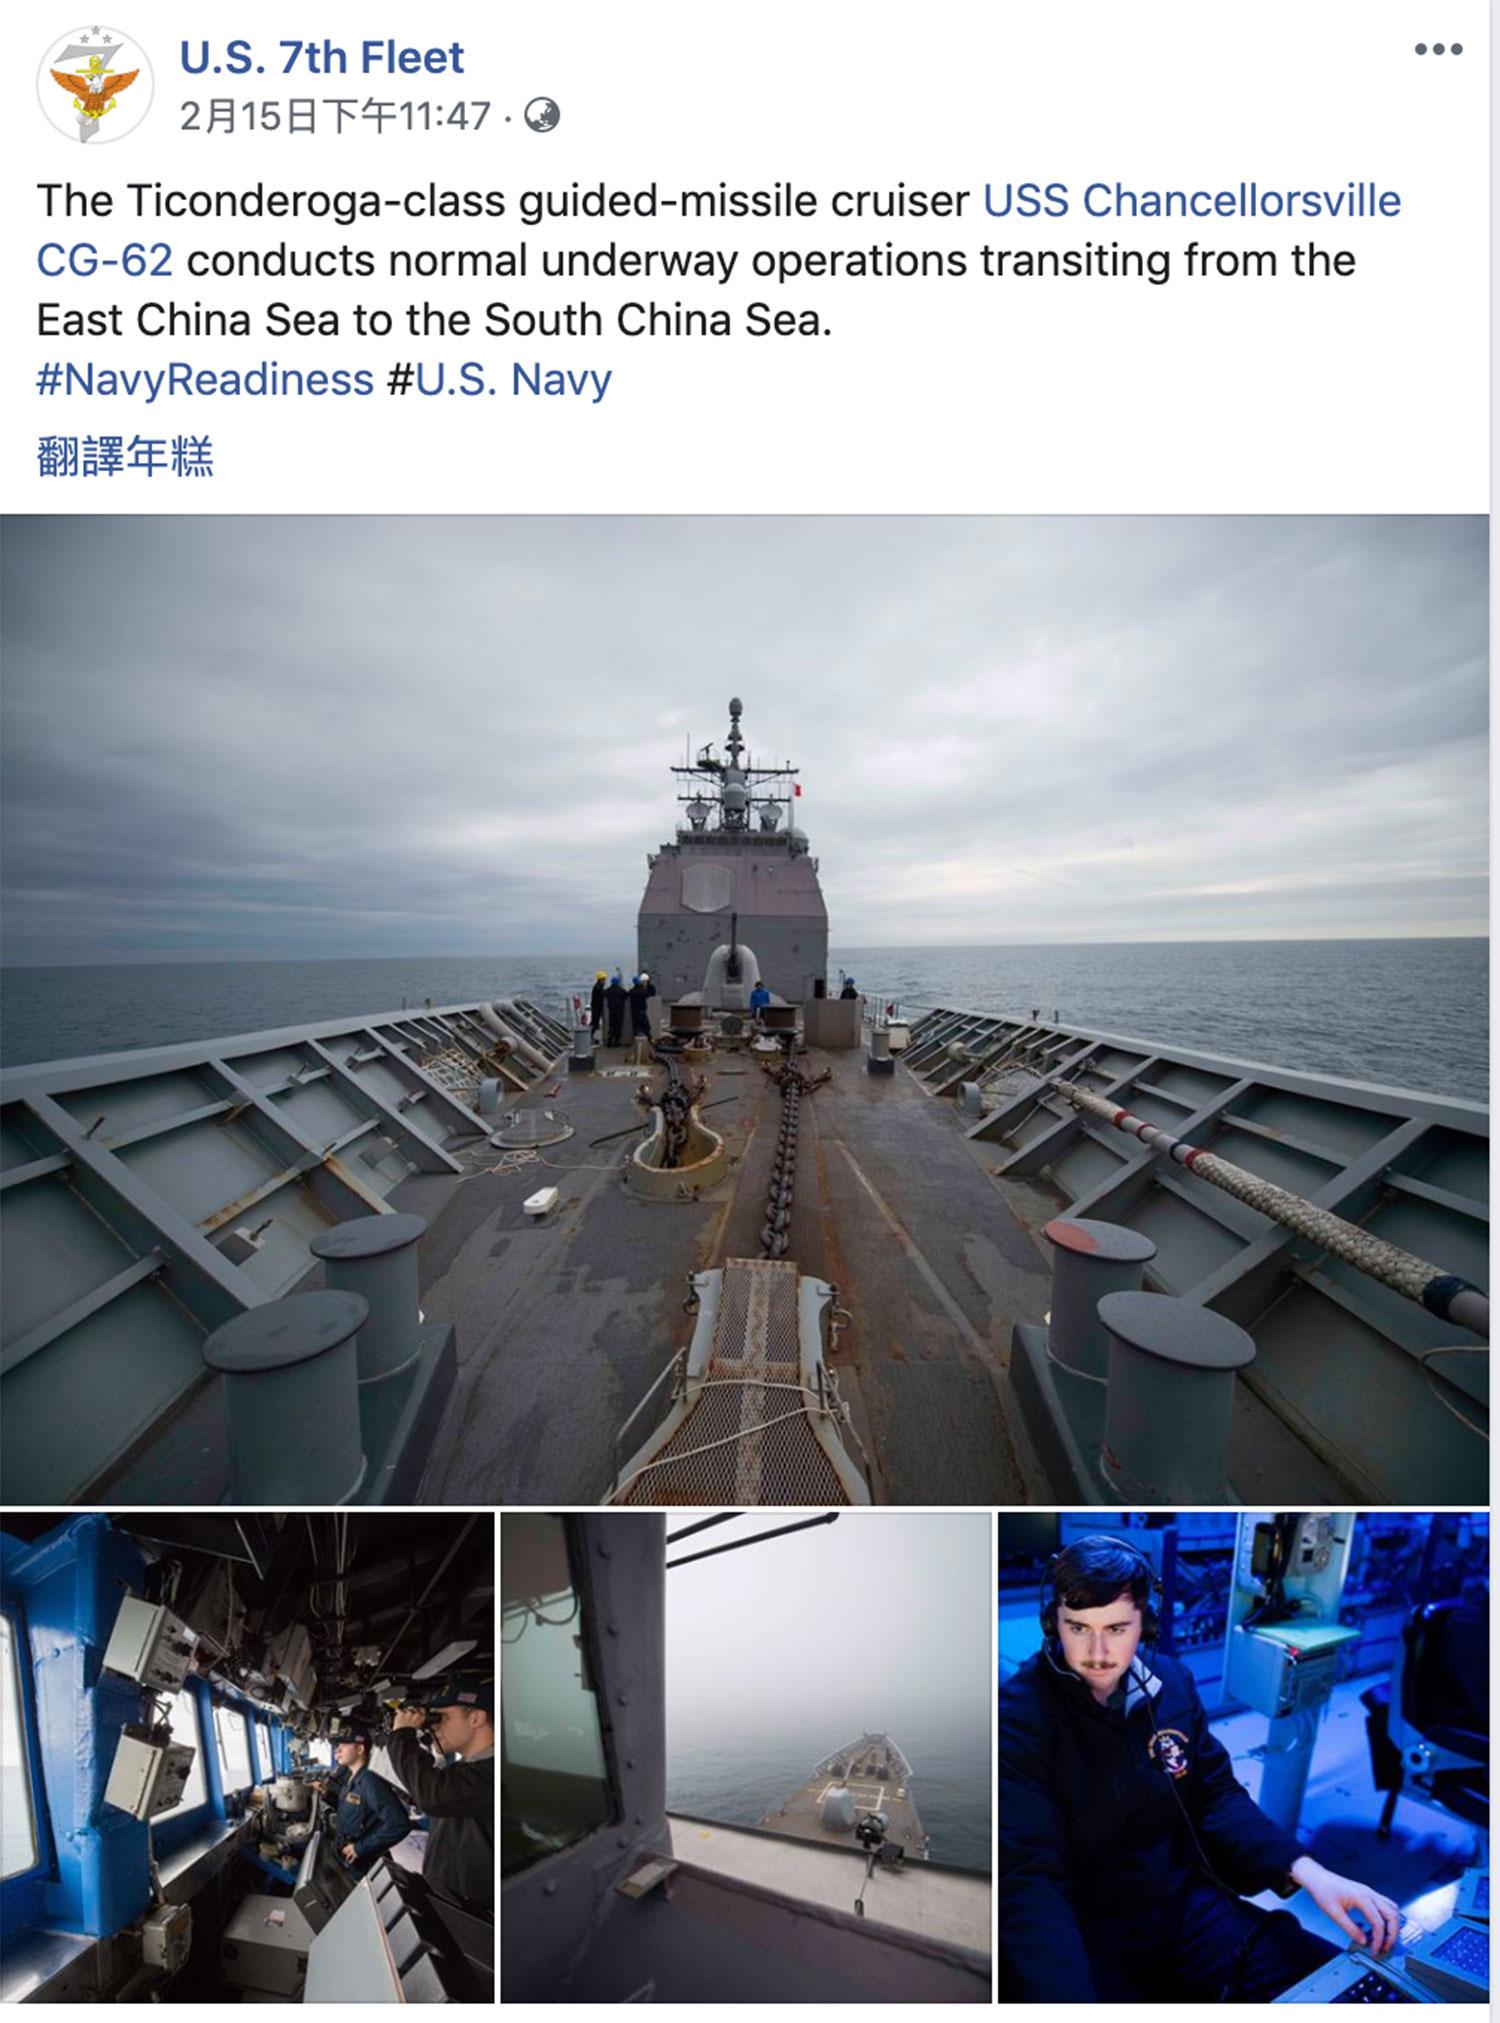 """美军第七舰队脸书公开""""昌塞勒斯维号""""由东海航向南海的照片。(截自美军第七舰队脸书)"""